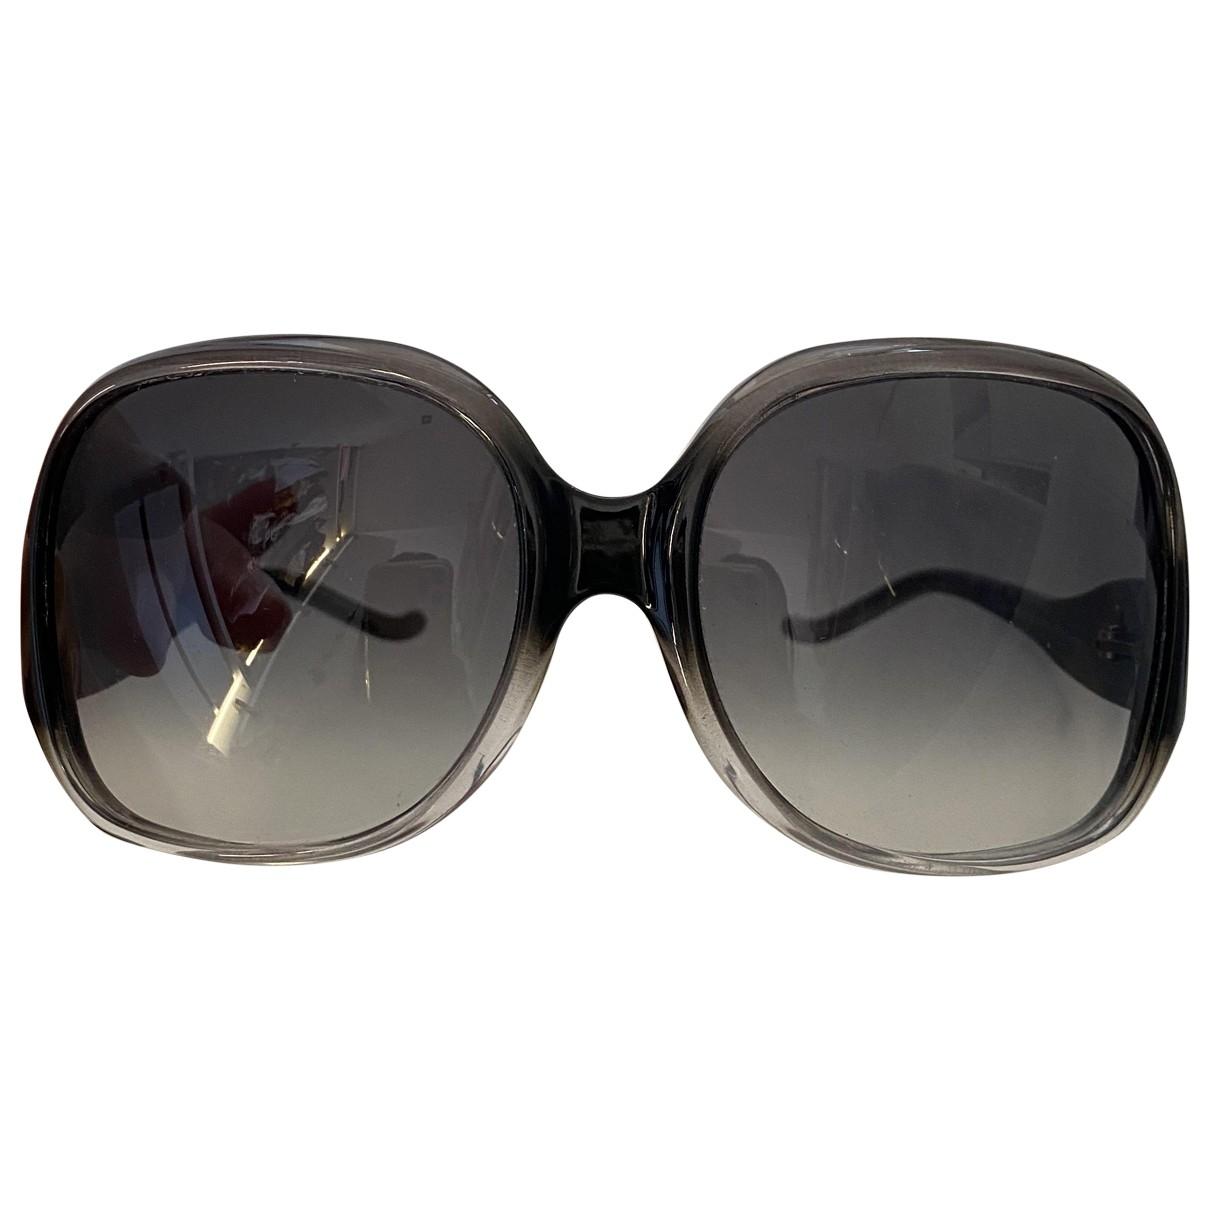 Balenciaga \N Sonnenbrillen in  Anthrazit Kunststoff